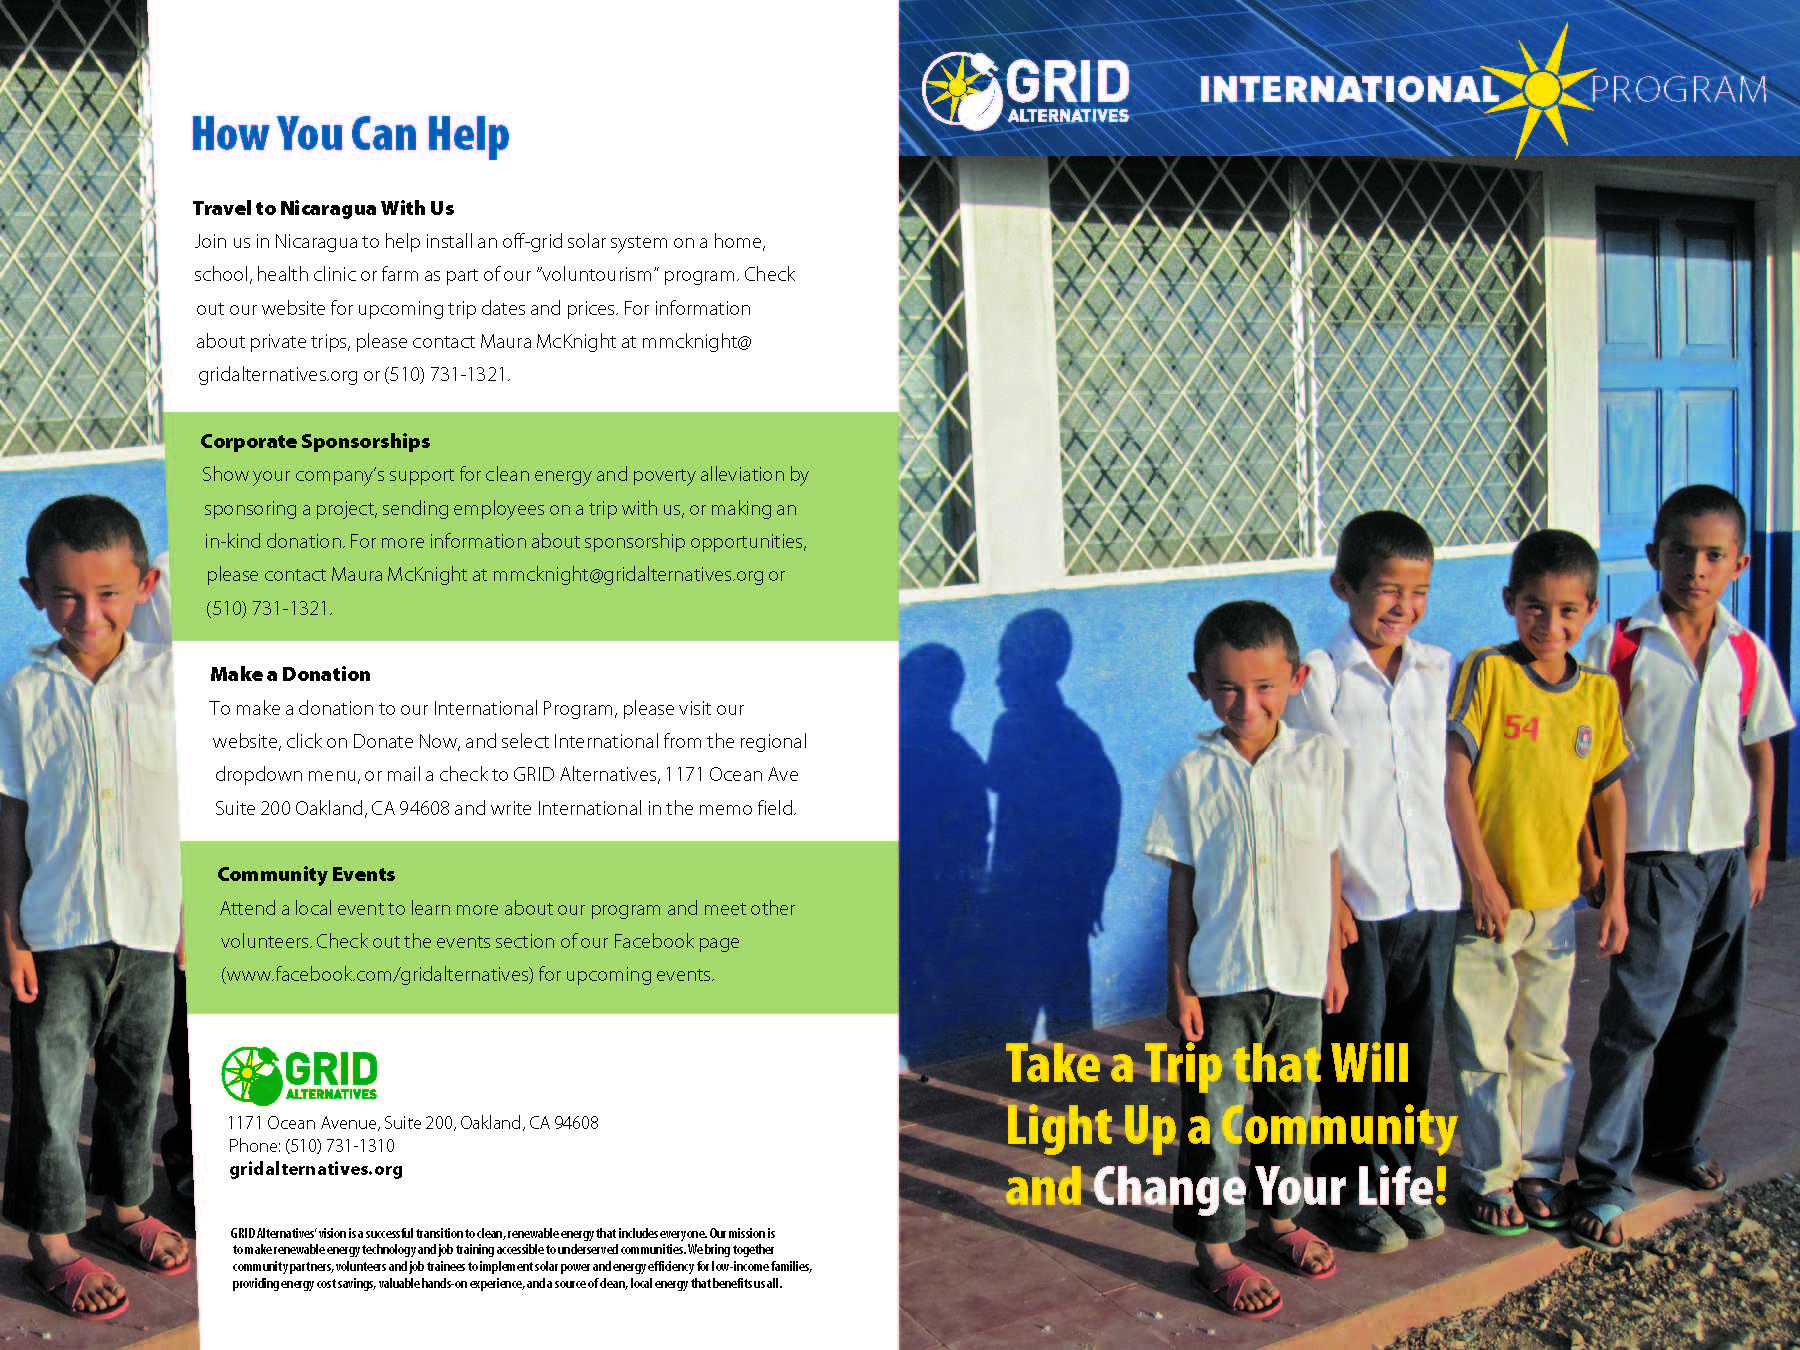 GRID Alternatives International